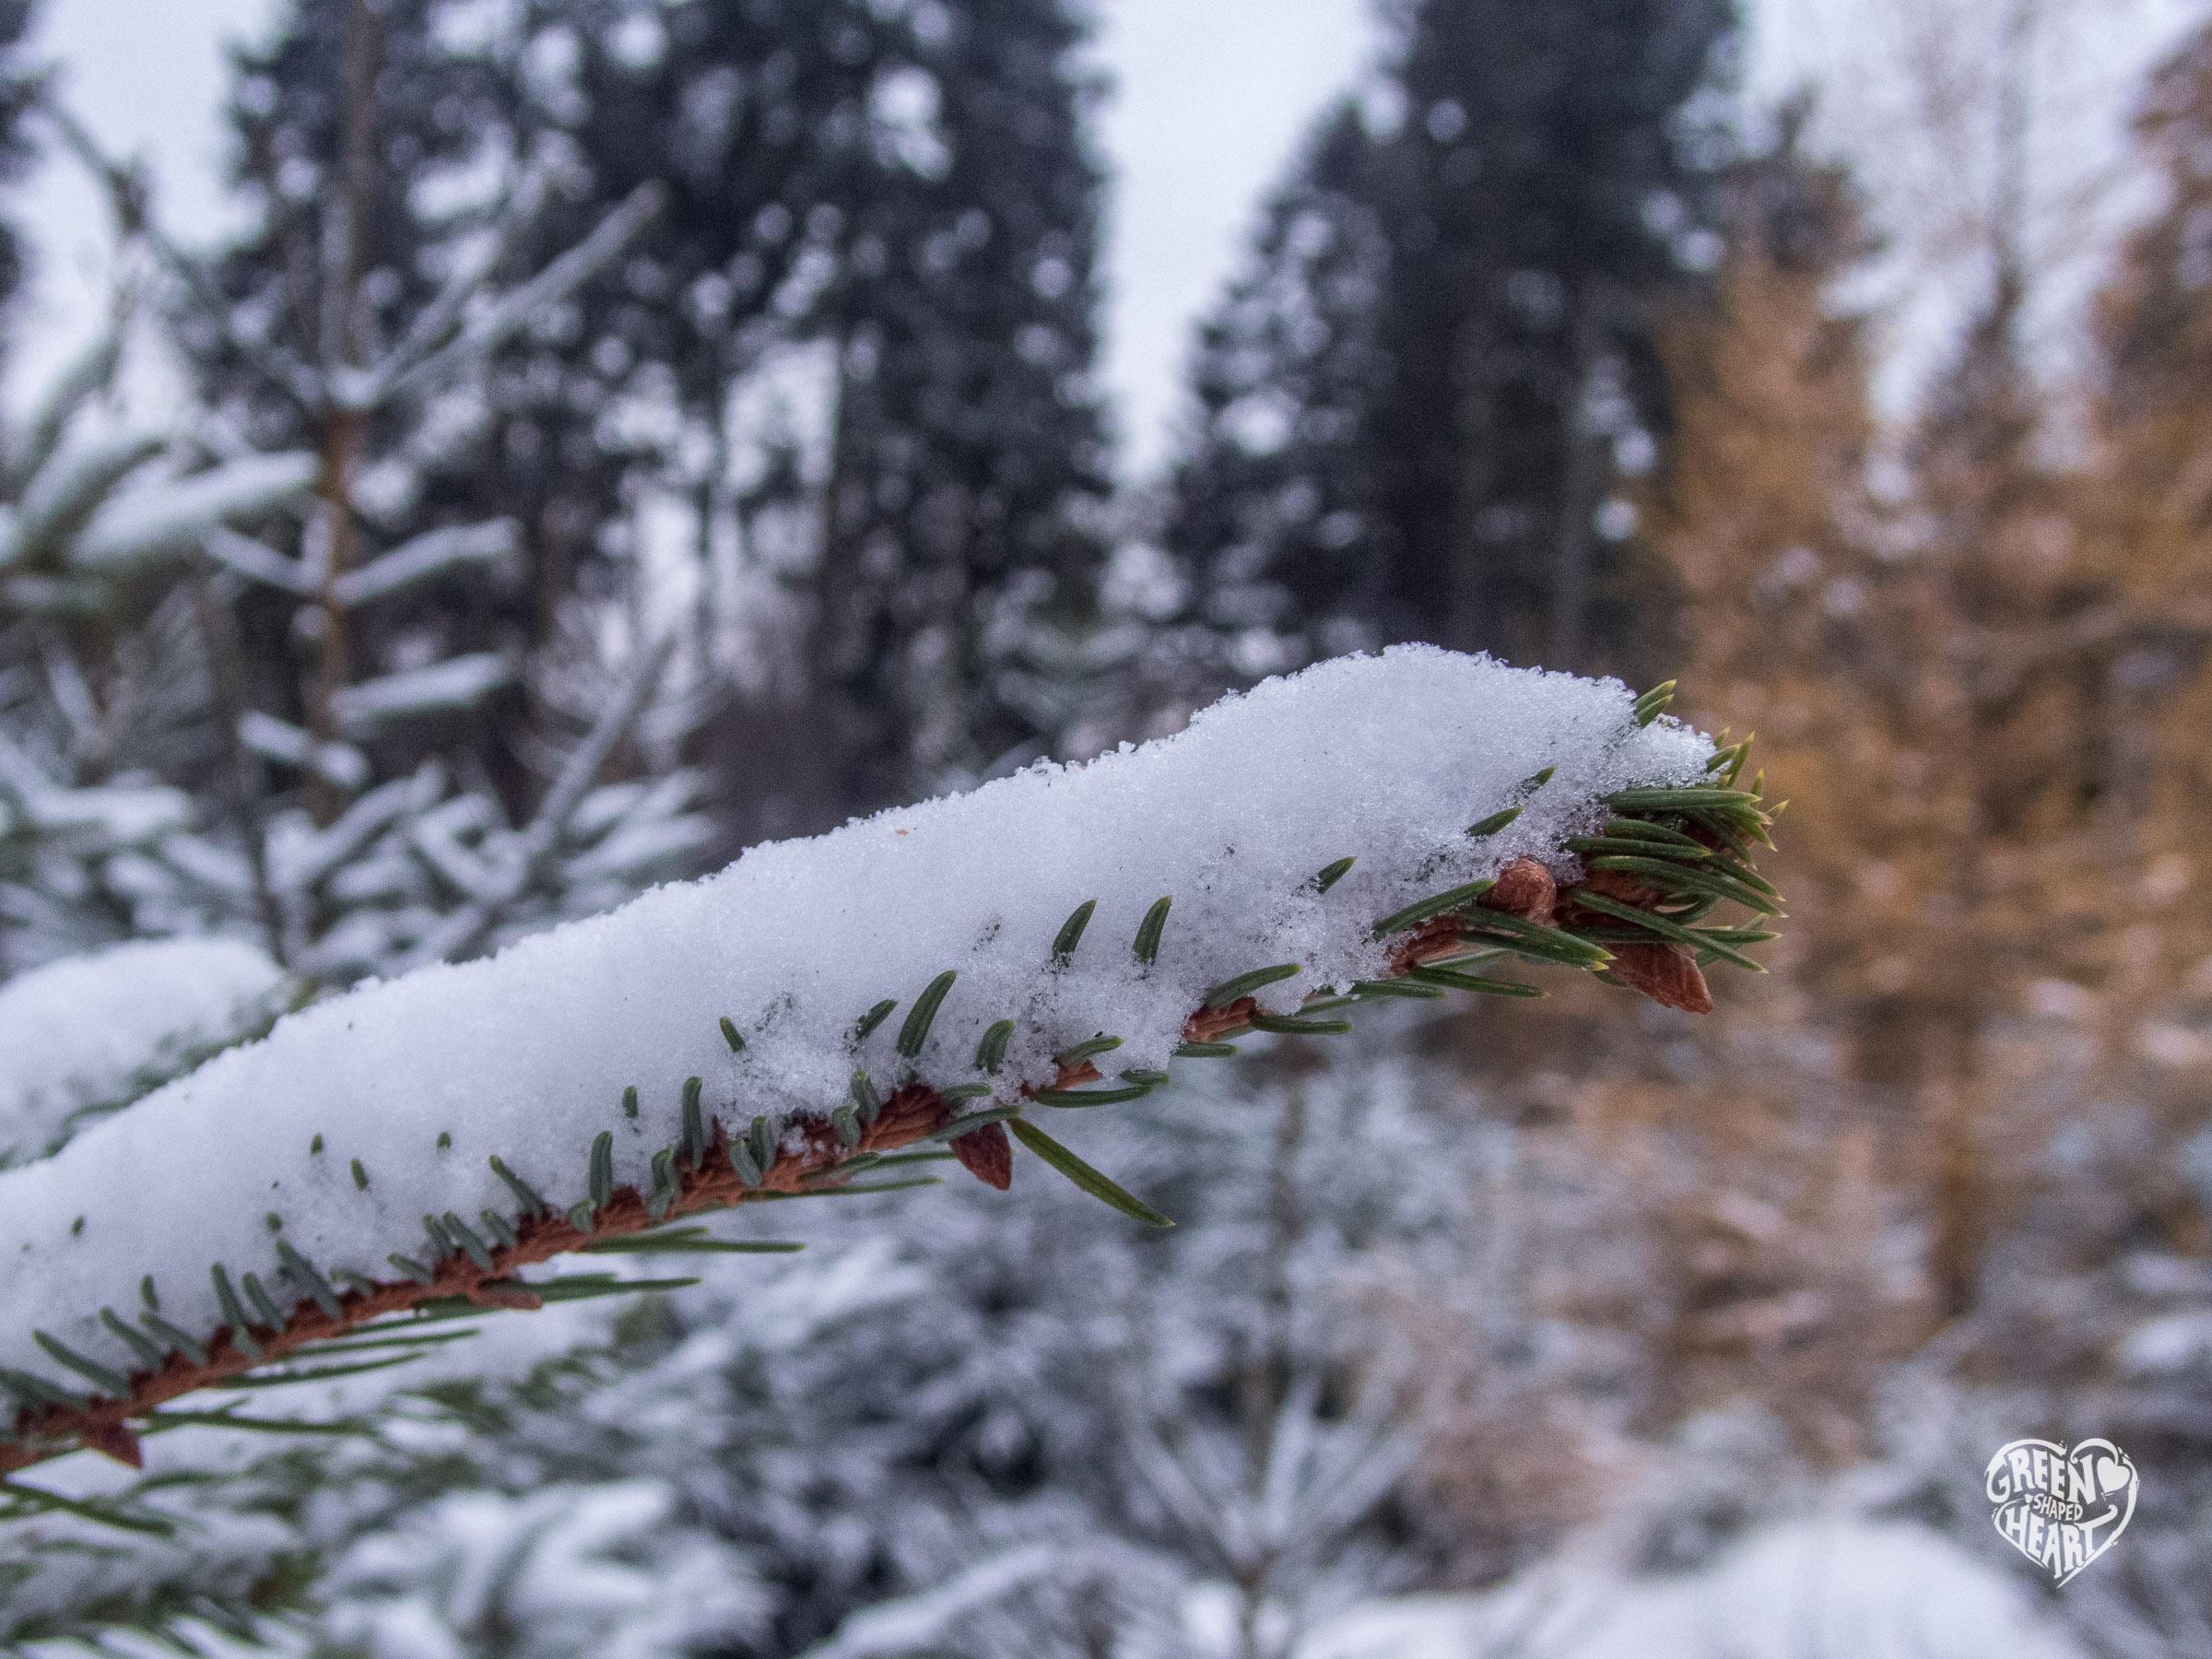 Erster Schnee am Erbeskopf © Cora Backes | Green Shaped Heart